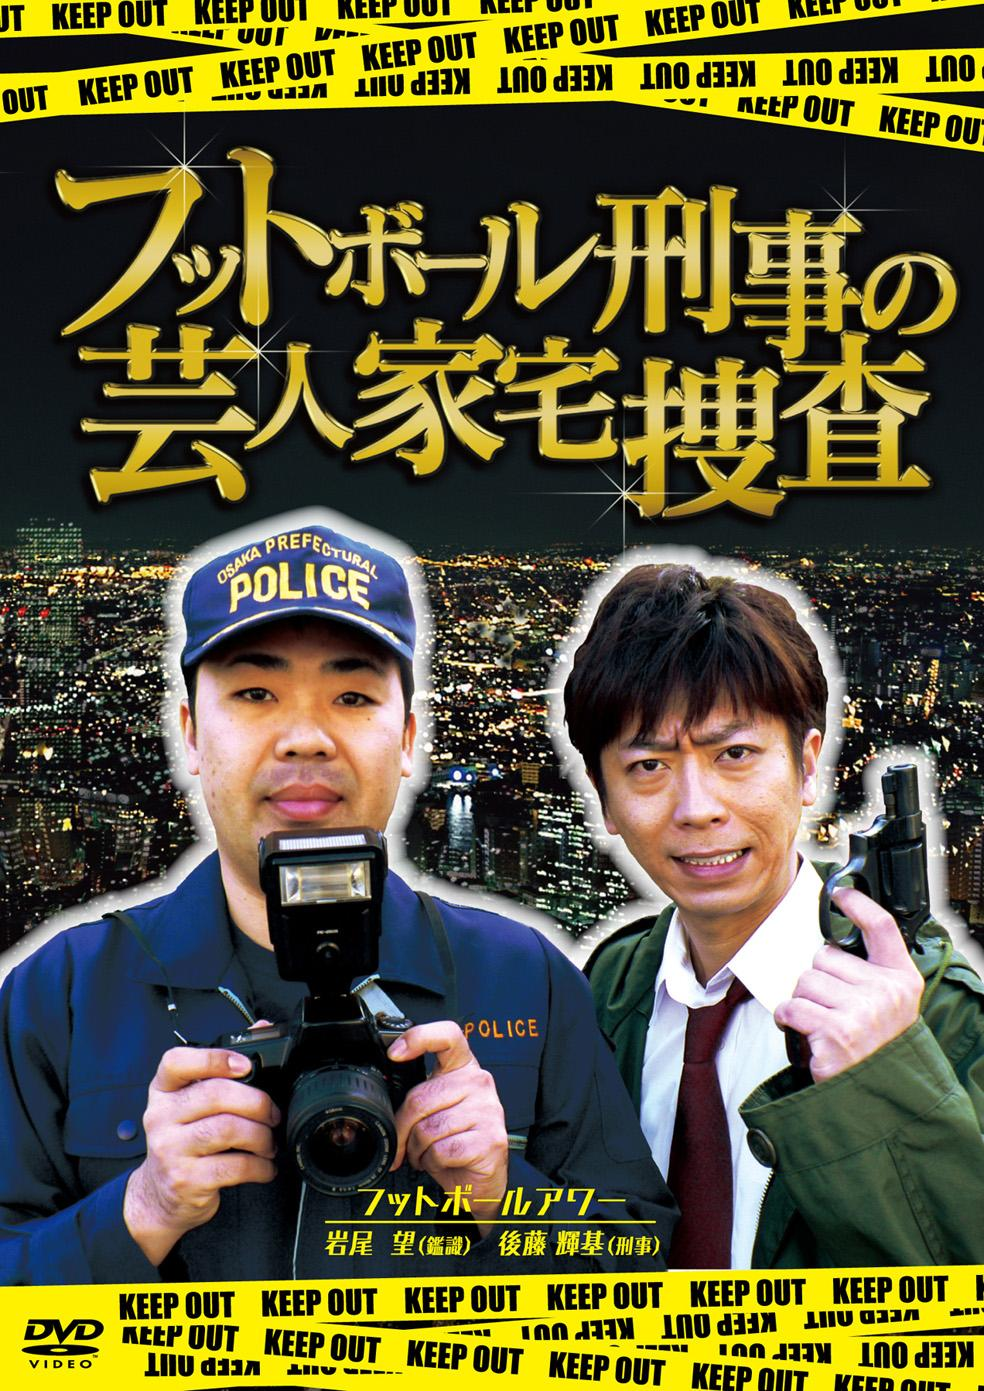 フットボール刑事(デカ)の芸人家宅捜査 のサムネイル画像